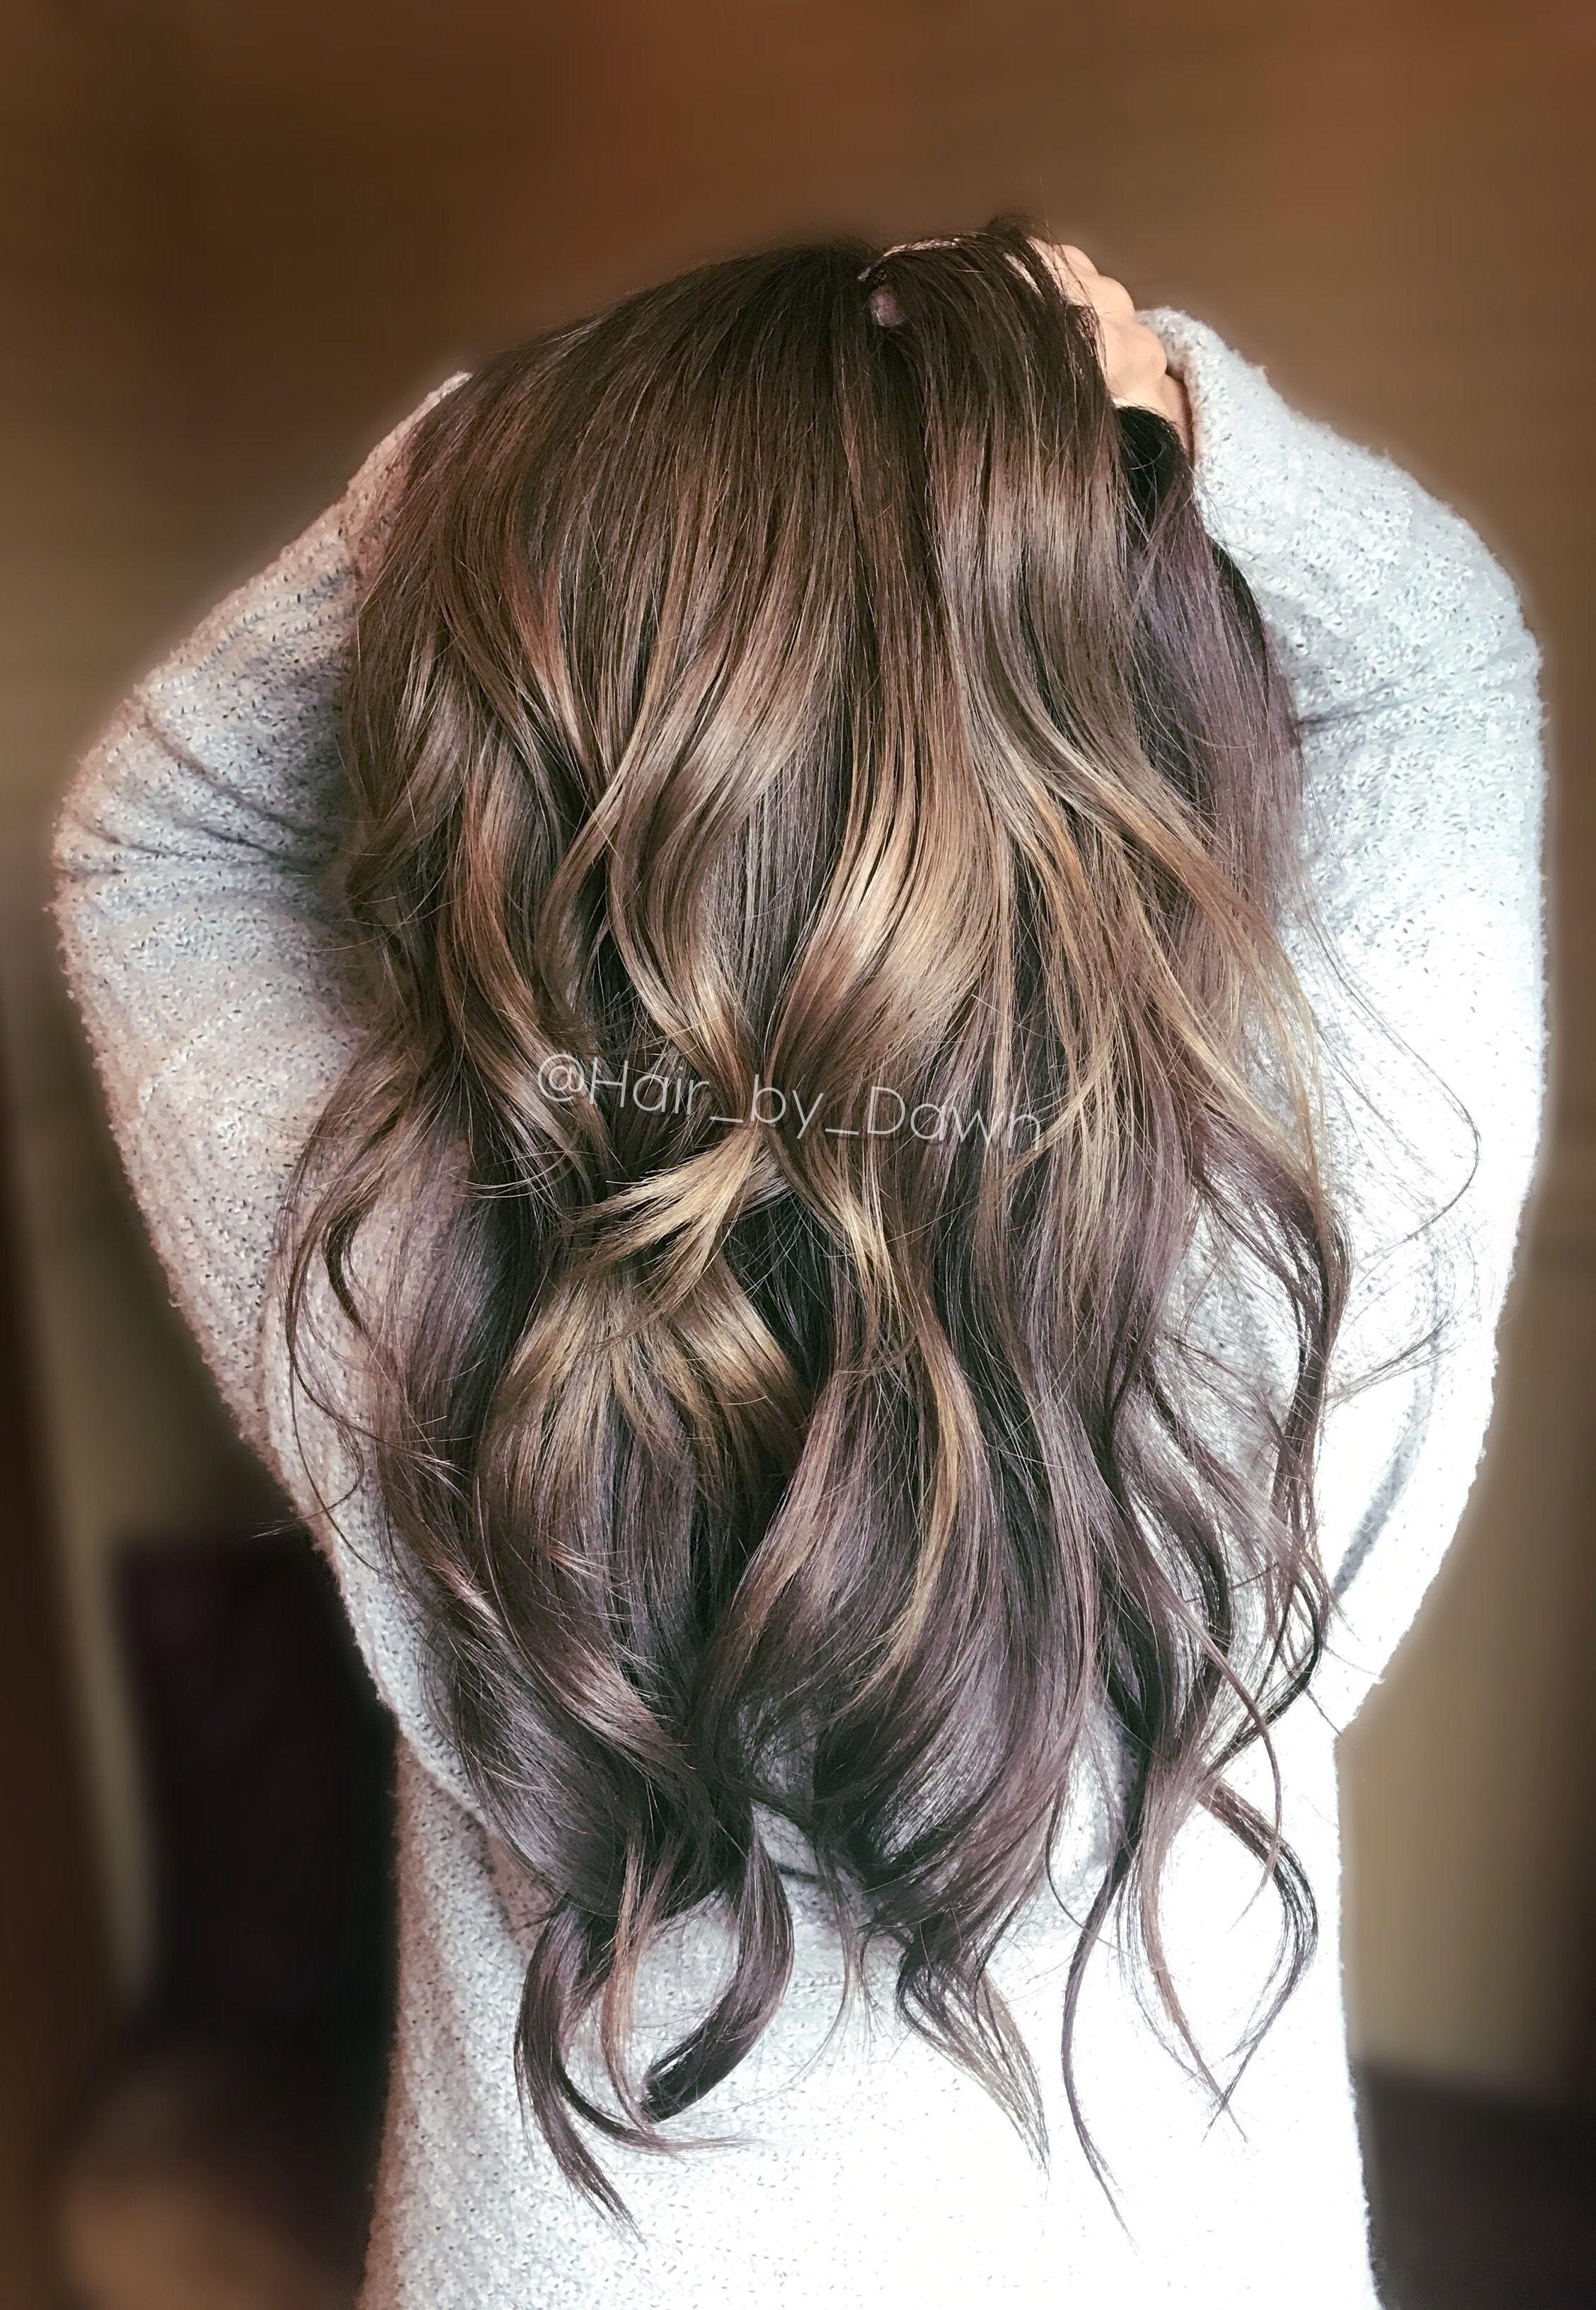 Metallic Ash Smoky Brown Metallic Hair Gray Hair Grey Hair Going Silver Metallic Hair Color Metallic Hair Grey Ombre Hair